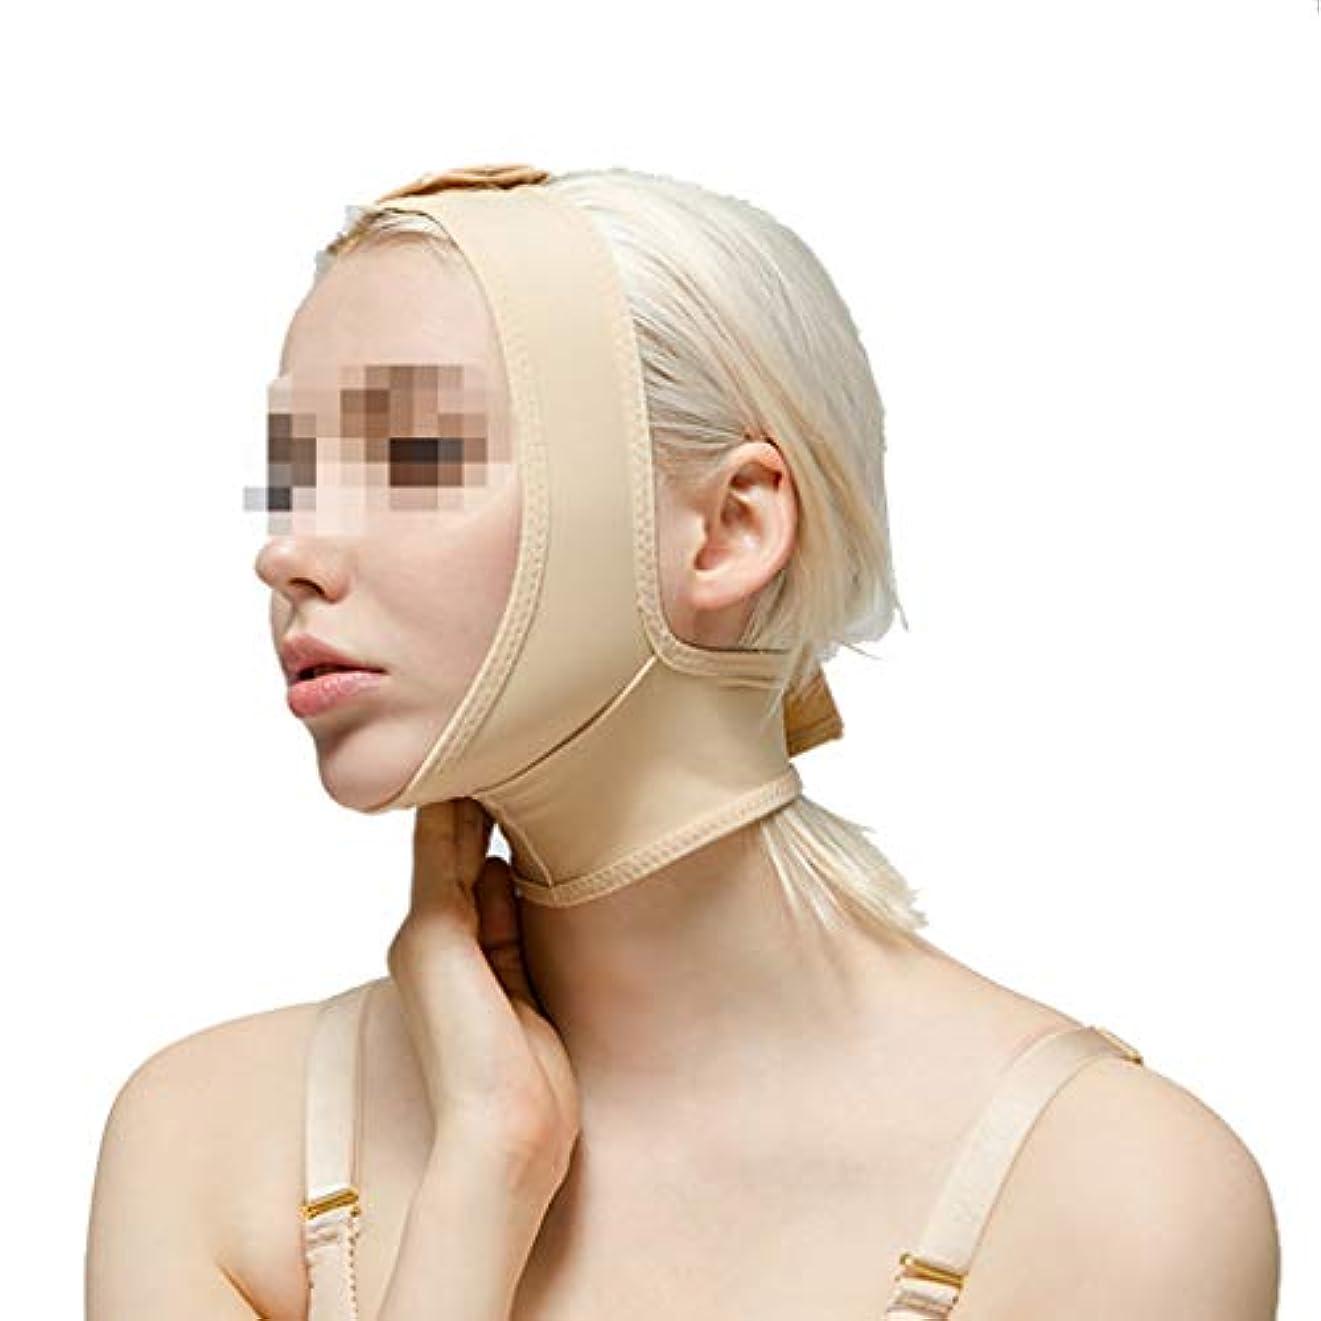 与える信じる競争XHLMRMJ 術後の弾性スリーブ、下顎の束フェイス包帯フェイシャルビームダブルチンシンフェイスマスクマルチサイズオプション (Size : XXL)